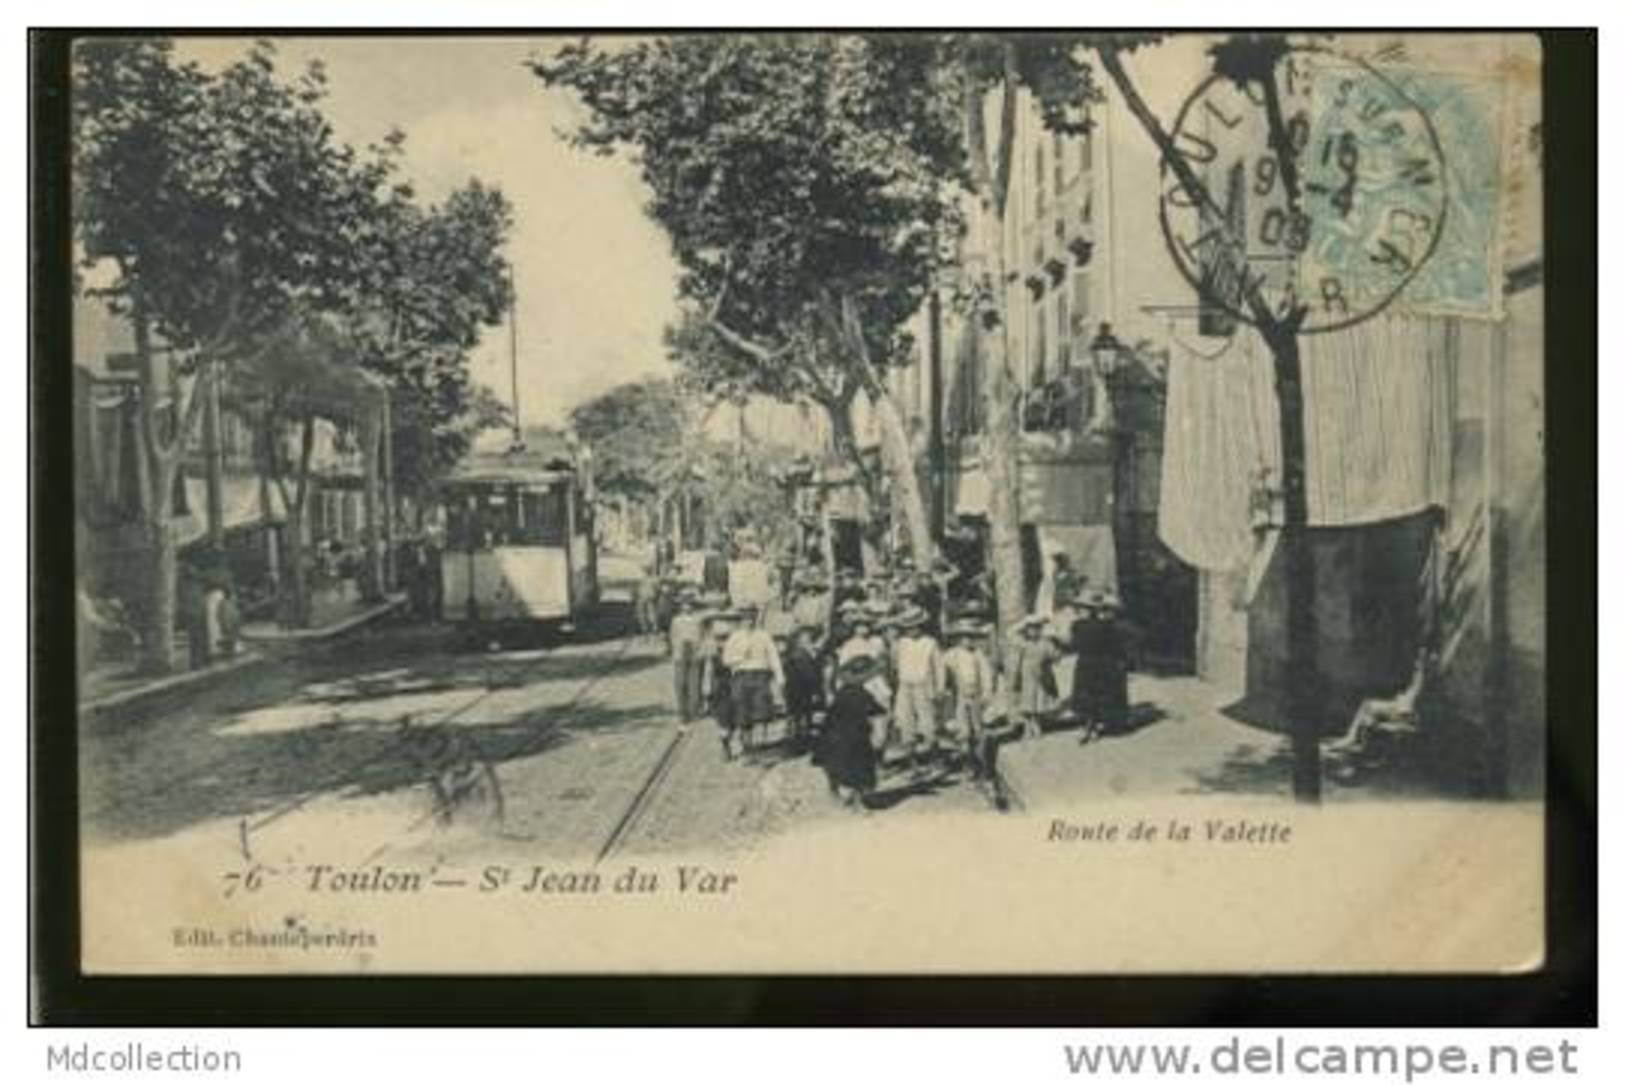 83 TOULON  / SAINT JEAN DU VAR Route De La Valette  / - Toulon